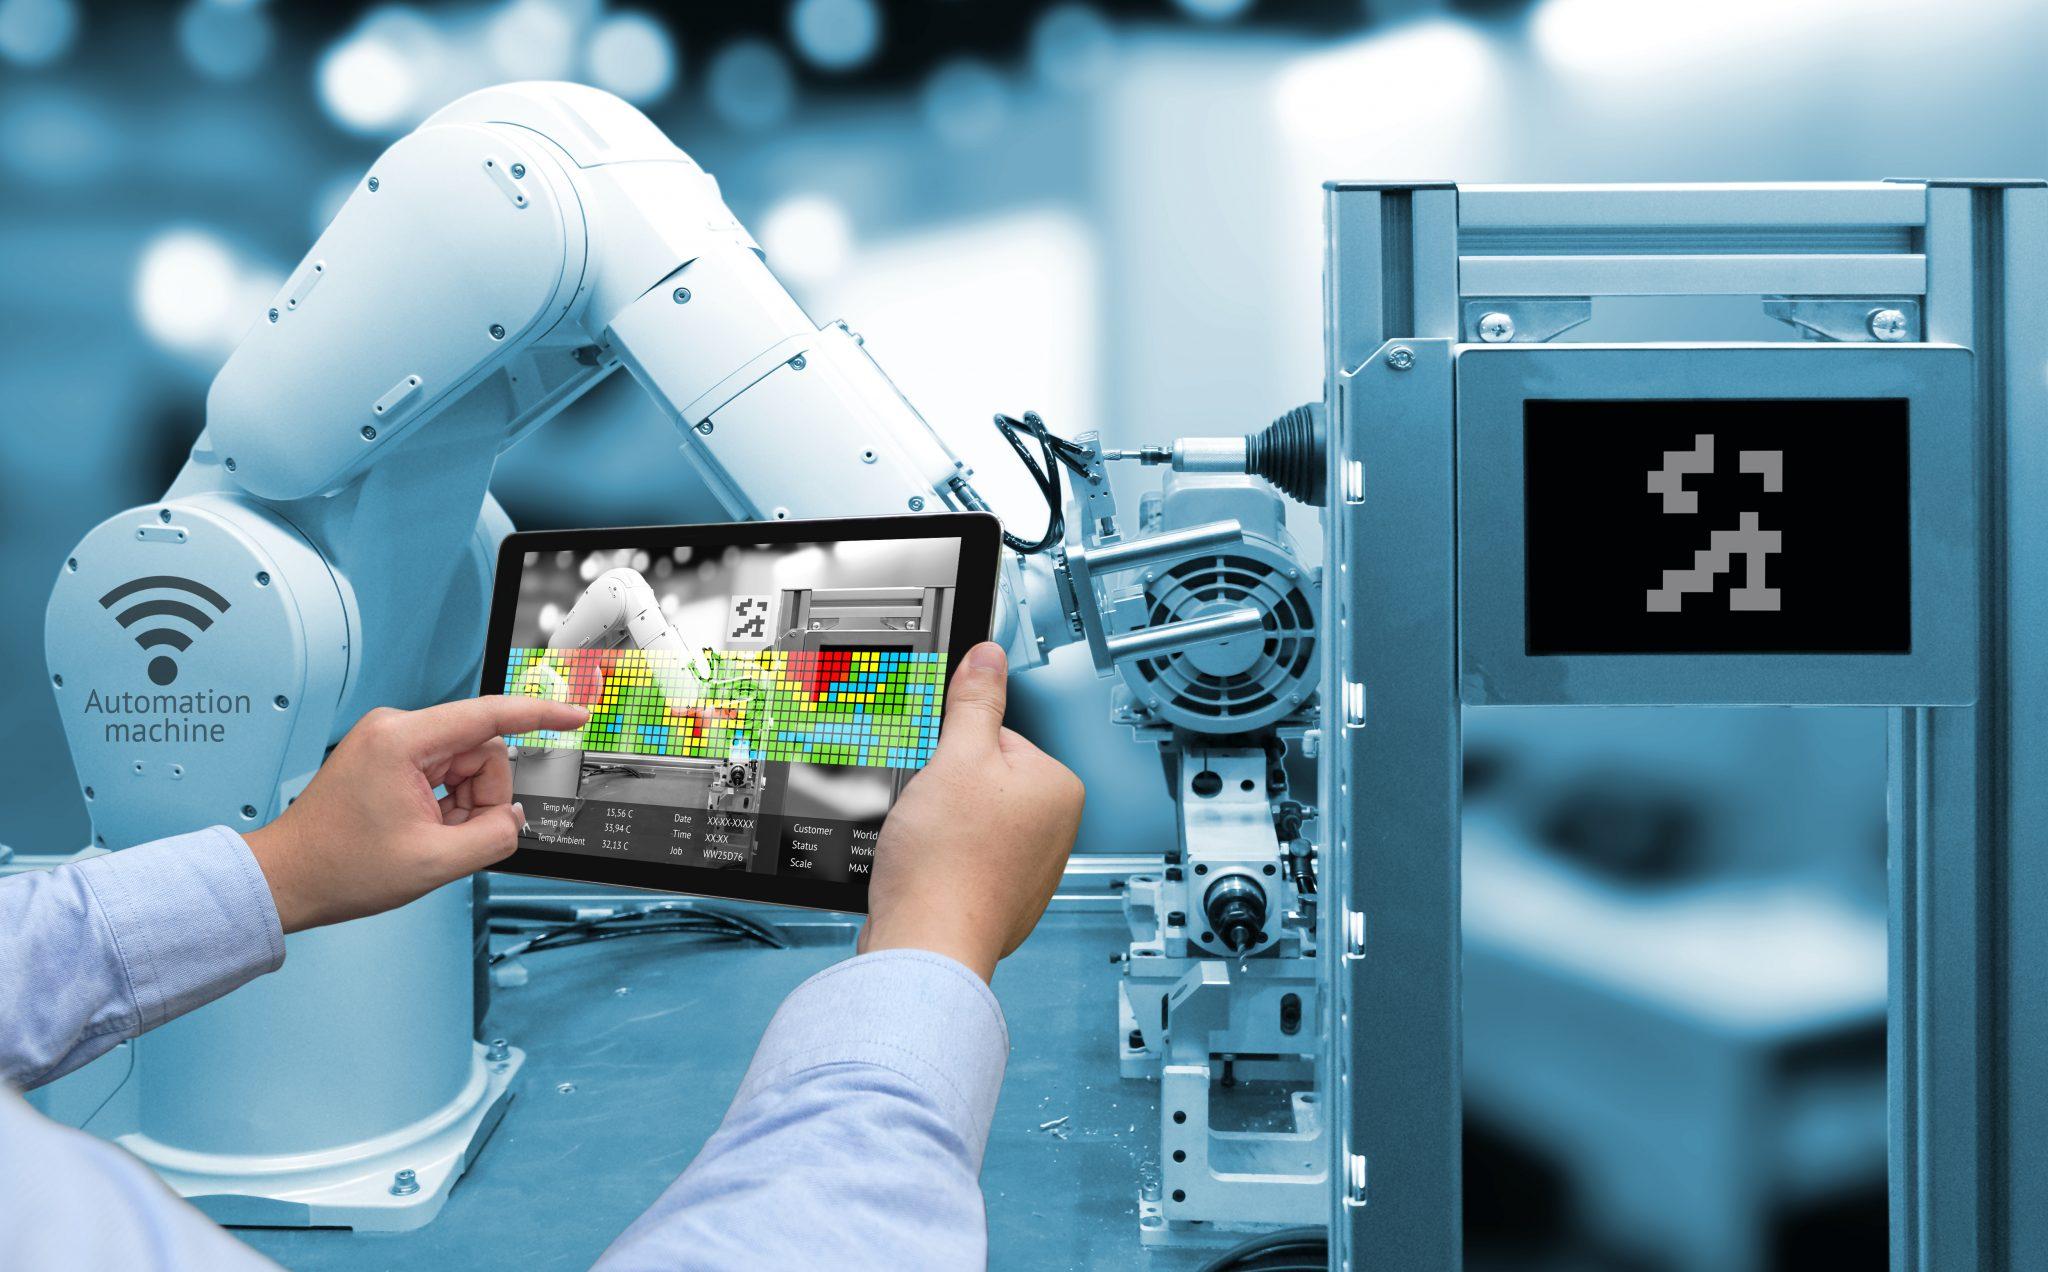 La réalité augmentée dans l'industrie en développement